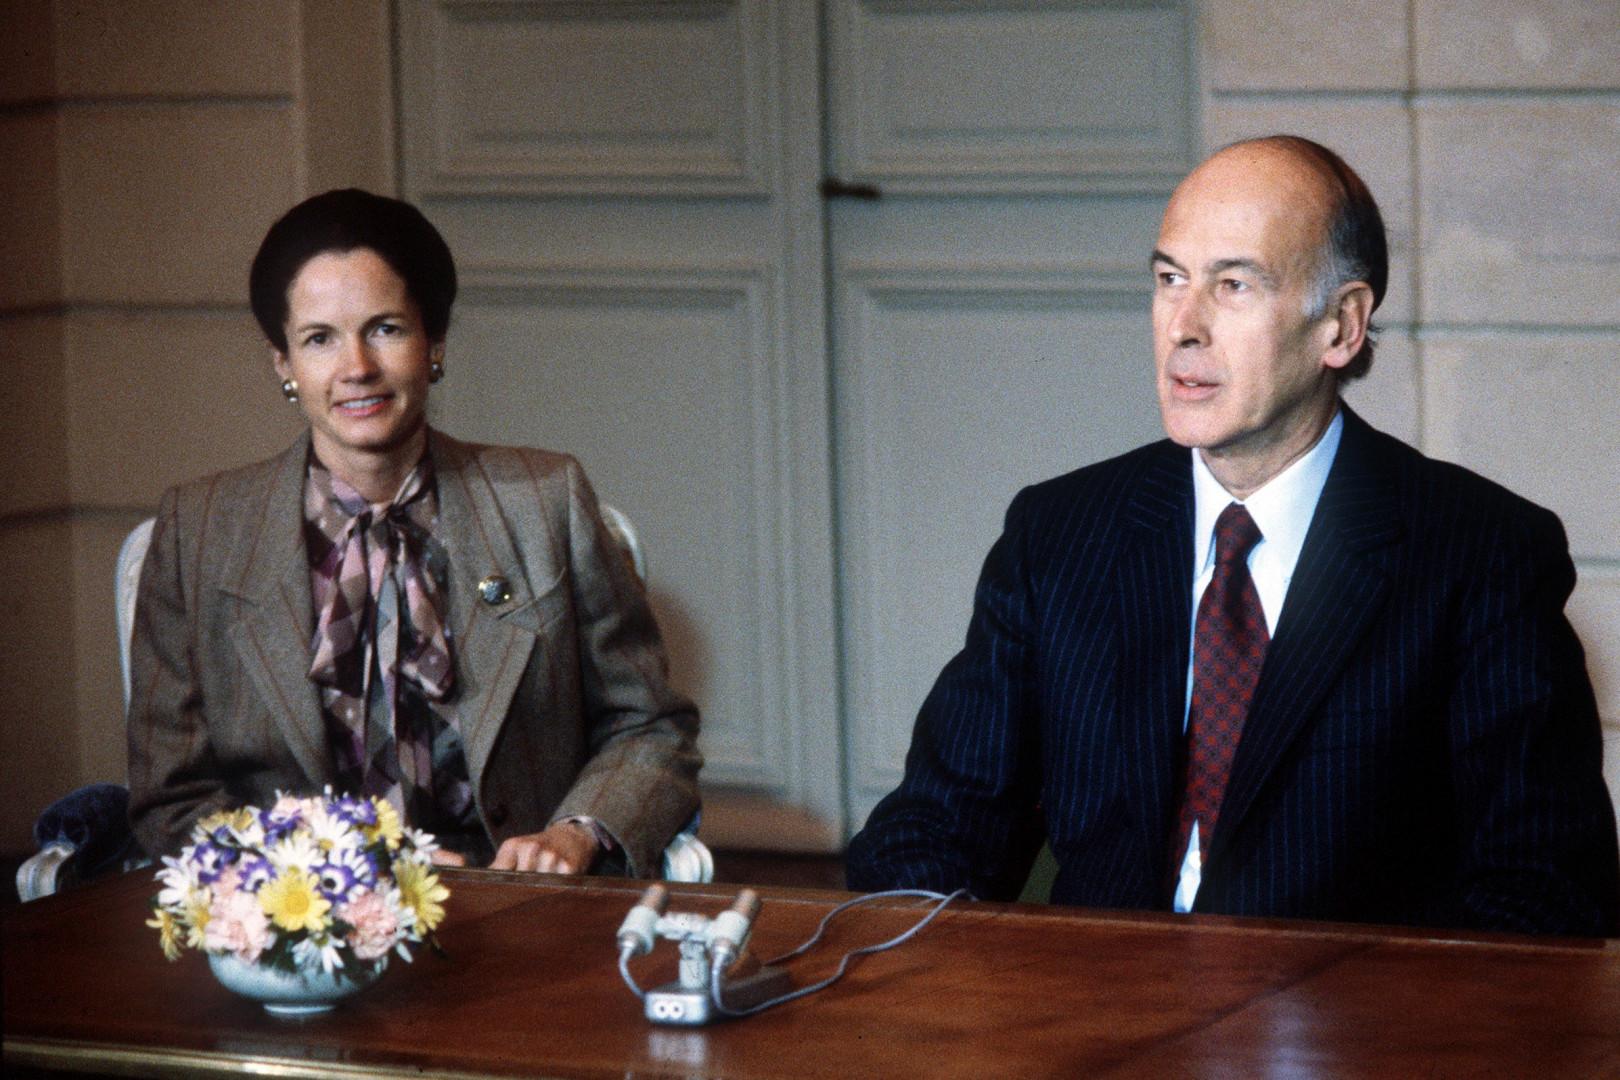 Le président de la République Valéry Giscard d'Estaing annonce le 03 mars 1981 à Paris, sous le regard de sa femme Anne-Aymone, sa candidature au deuxième septennat.